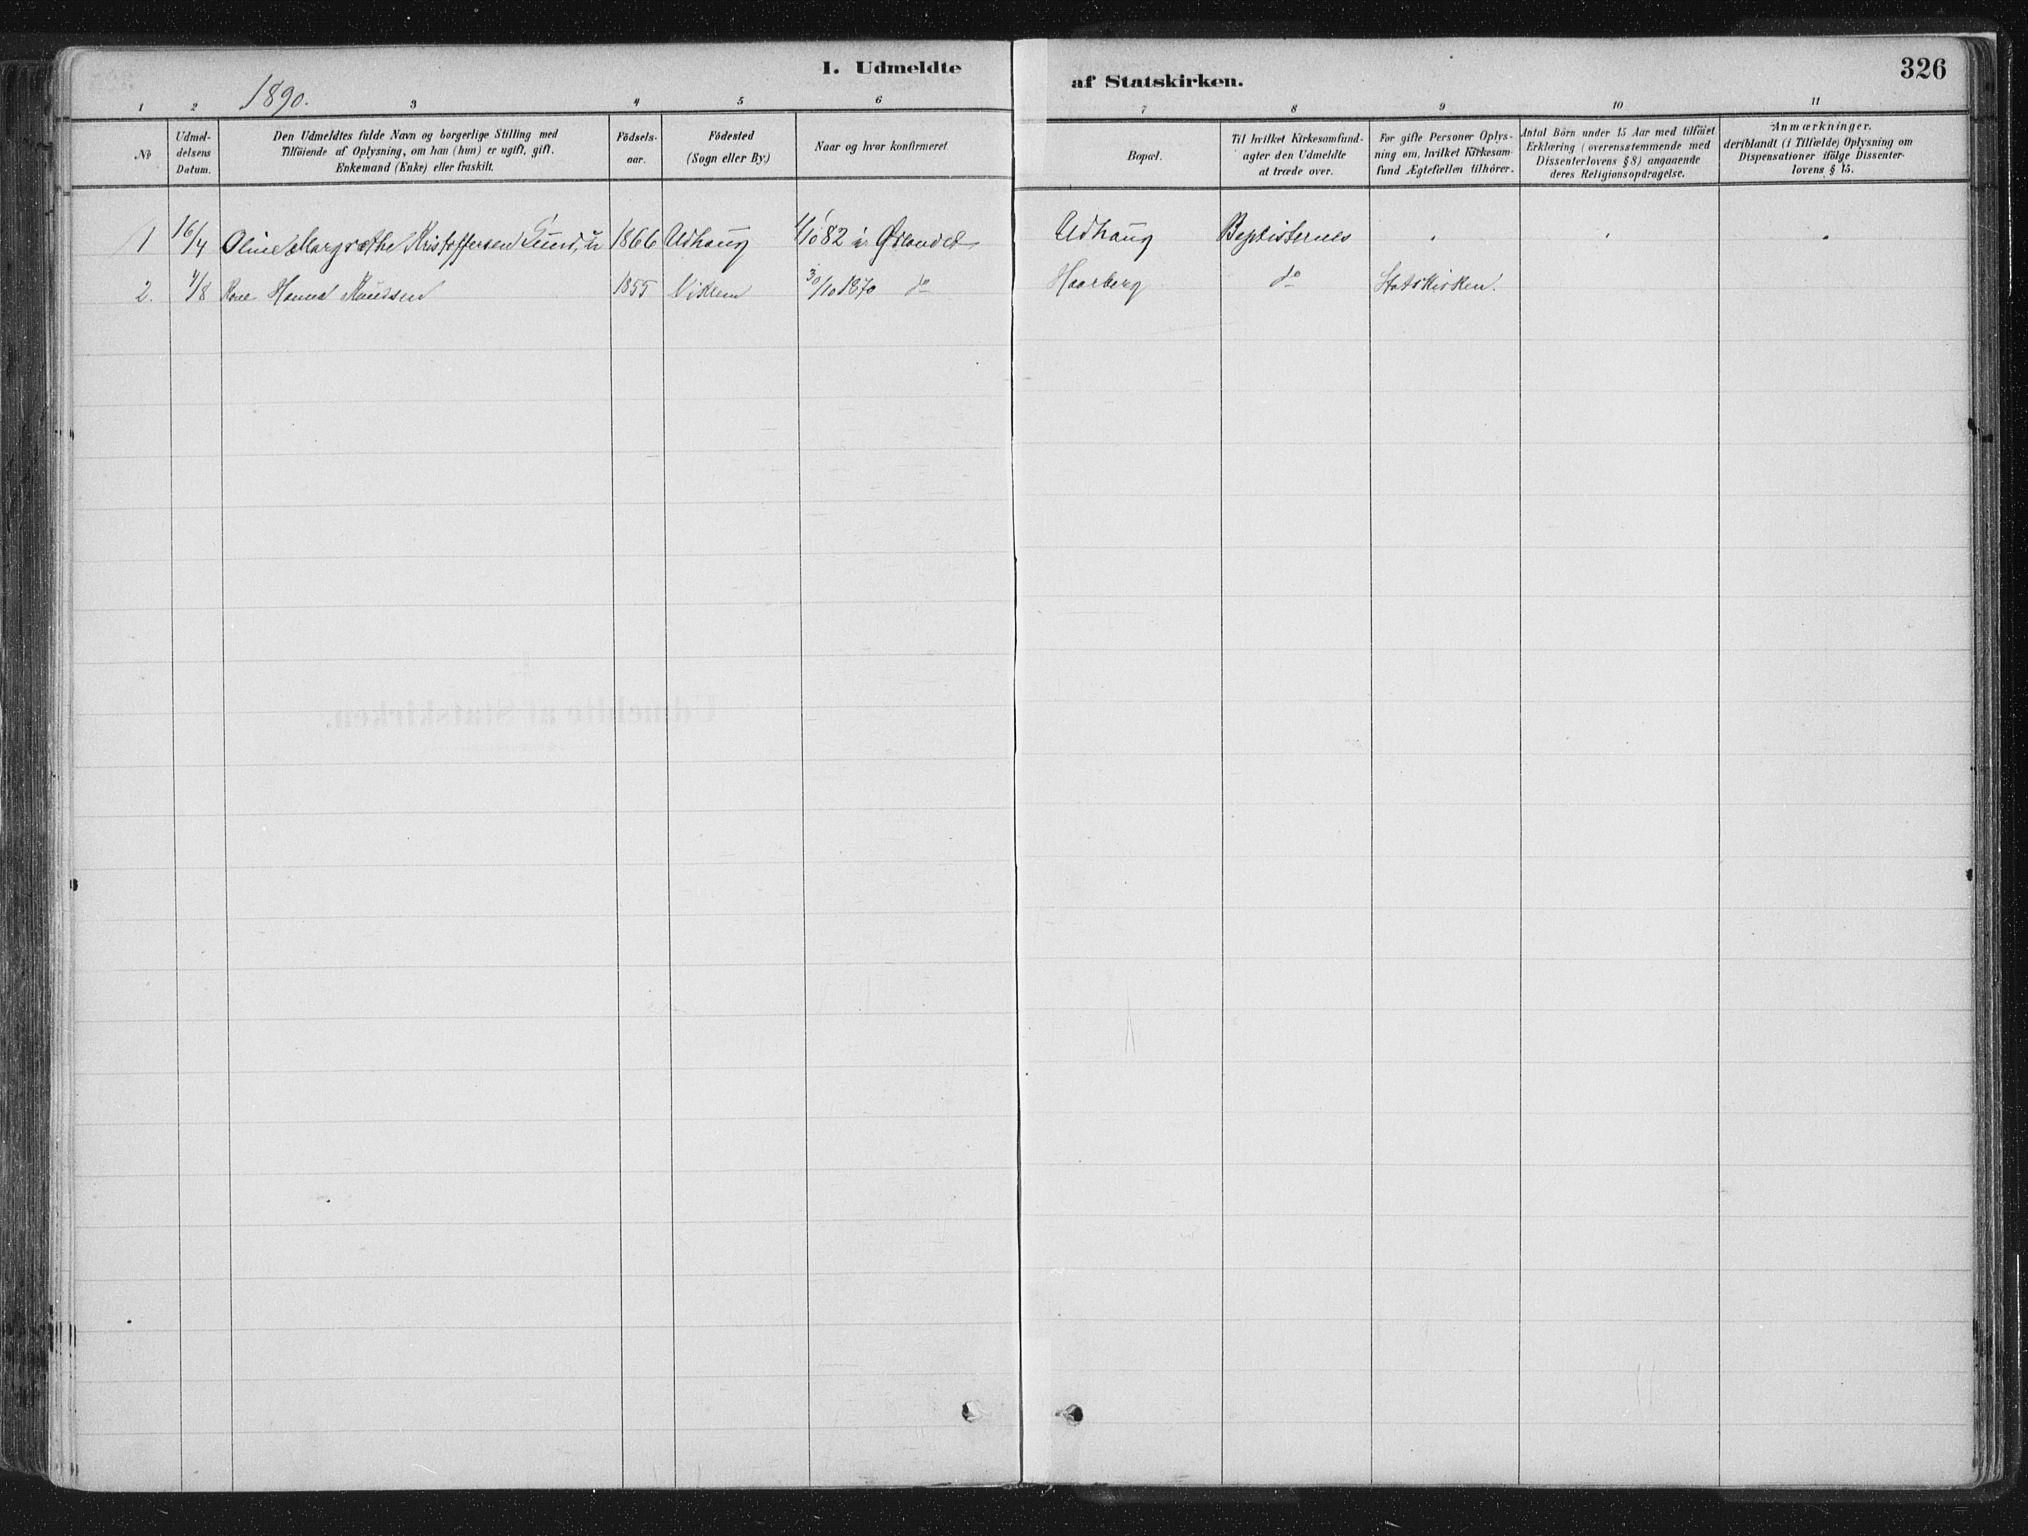 SAT, Ministerialprotokoller, klokkerbøker og fødselsregistre - Sør-Trøndelag, 659/L0739: Ministerialbok nr. 659A09, 1879-1893, s. 326